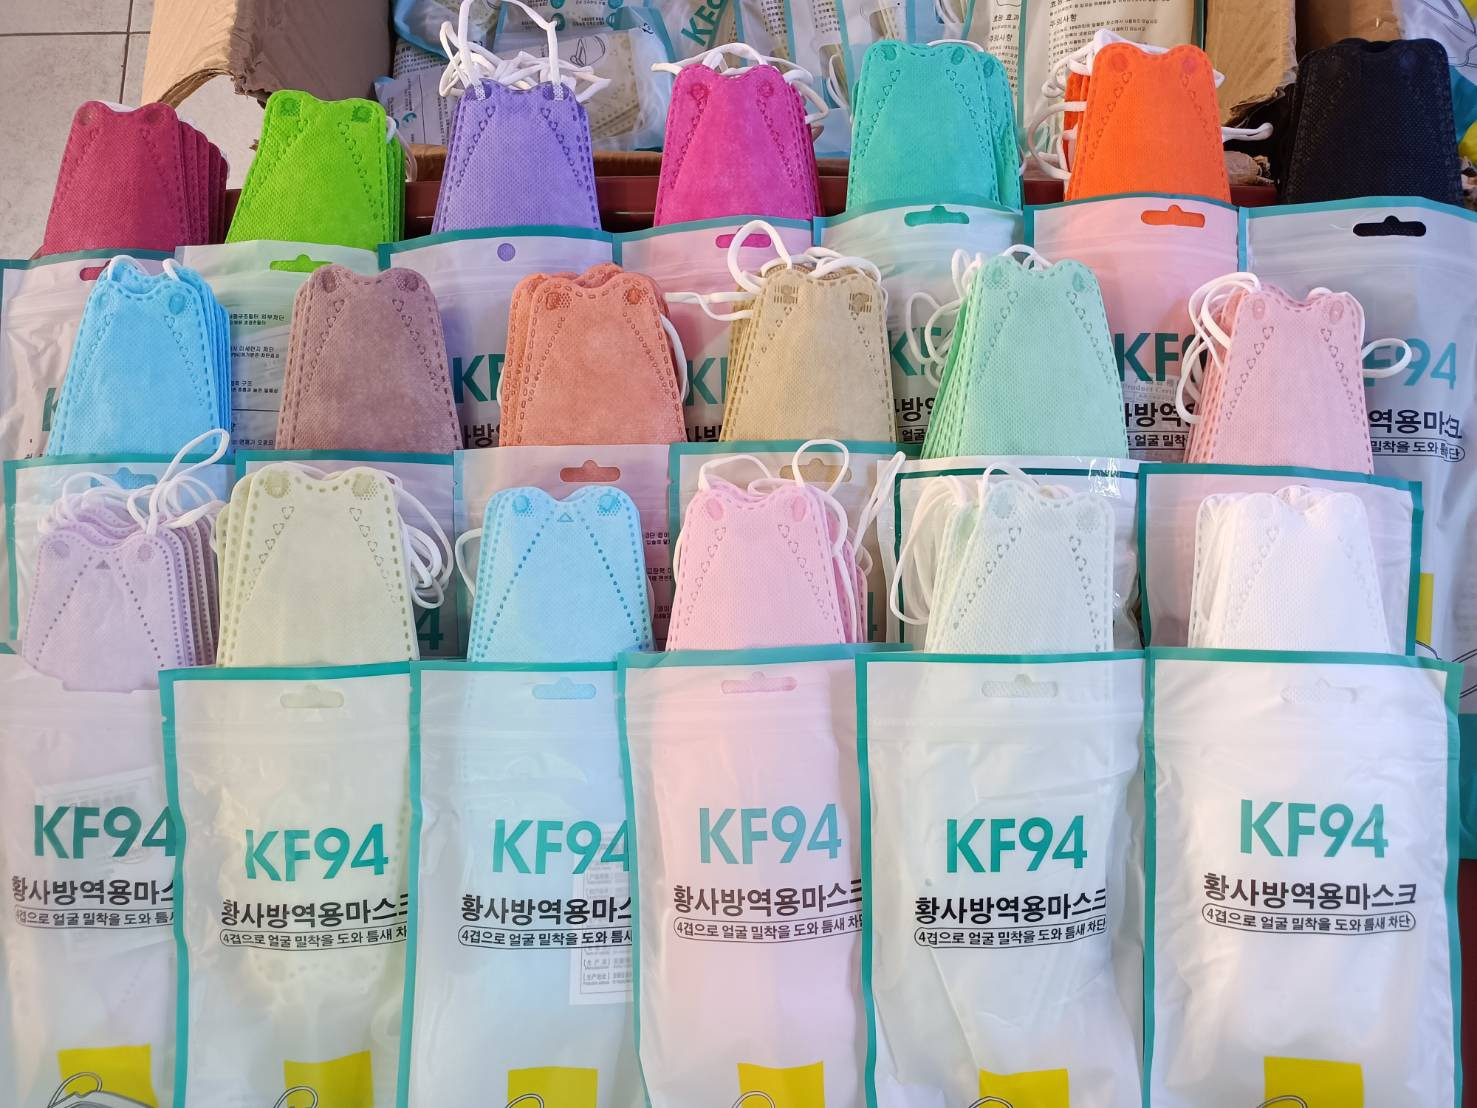 48 สี พร้อมส่งที่ไทย flash Sale KF94 ดำ ขาว 5 บาท [1 ซองมี 10 ชิ้น] สีเยอะมาก สวยตรงปก แมสเกาหลี  Different Fashion Mask PM2.5 ส่งของเร็ว,kd สามารถป้องกันการรับเชื้อโรคได้ดี